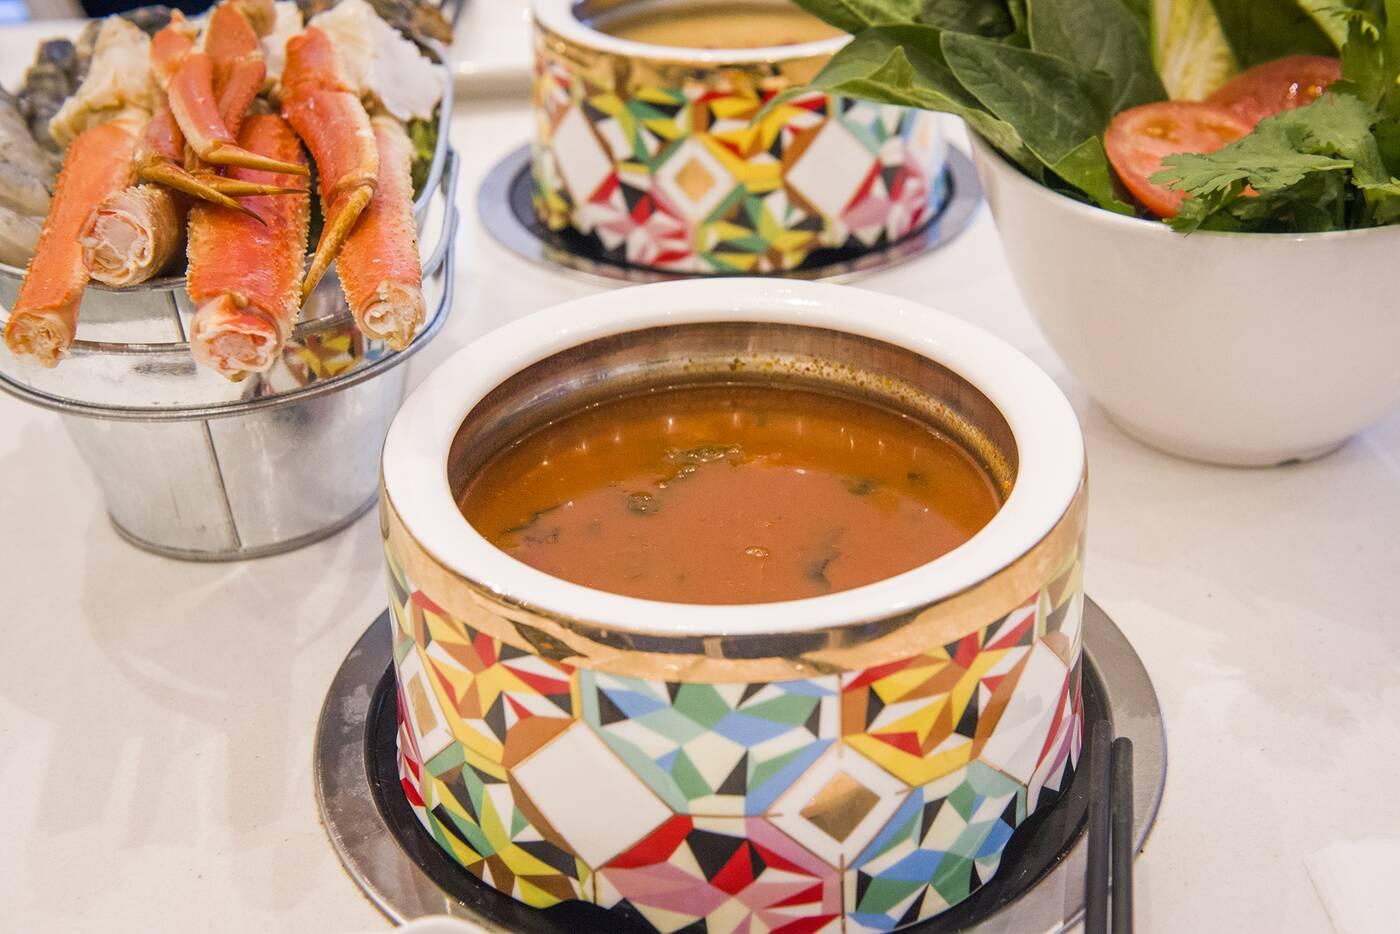 Jadore hot pot